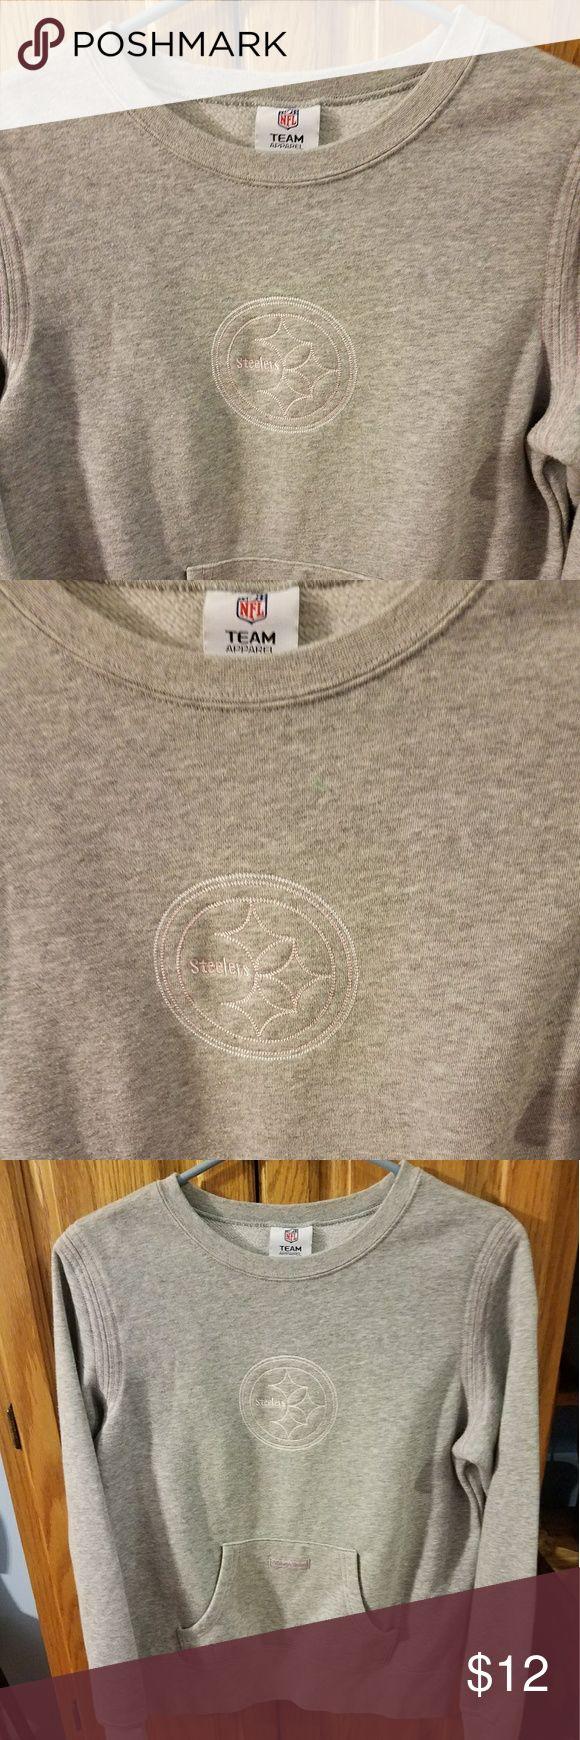 NFL Steelers sweatshirt Cute gray sweatshirt. In great used condition Tops Sweatshirts & Hoodies